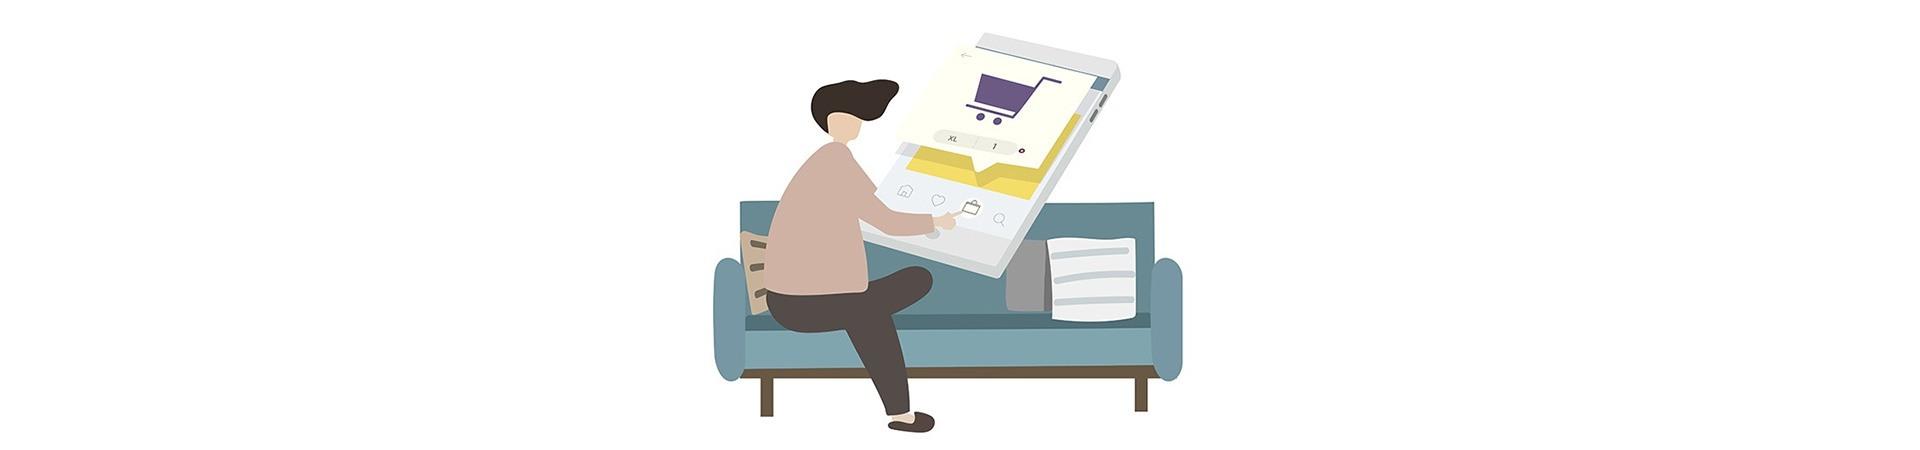 5 правил удобного сайта, или чек лист по юзабилити